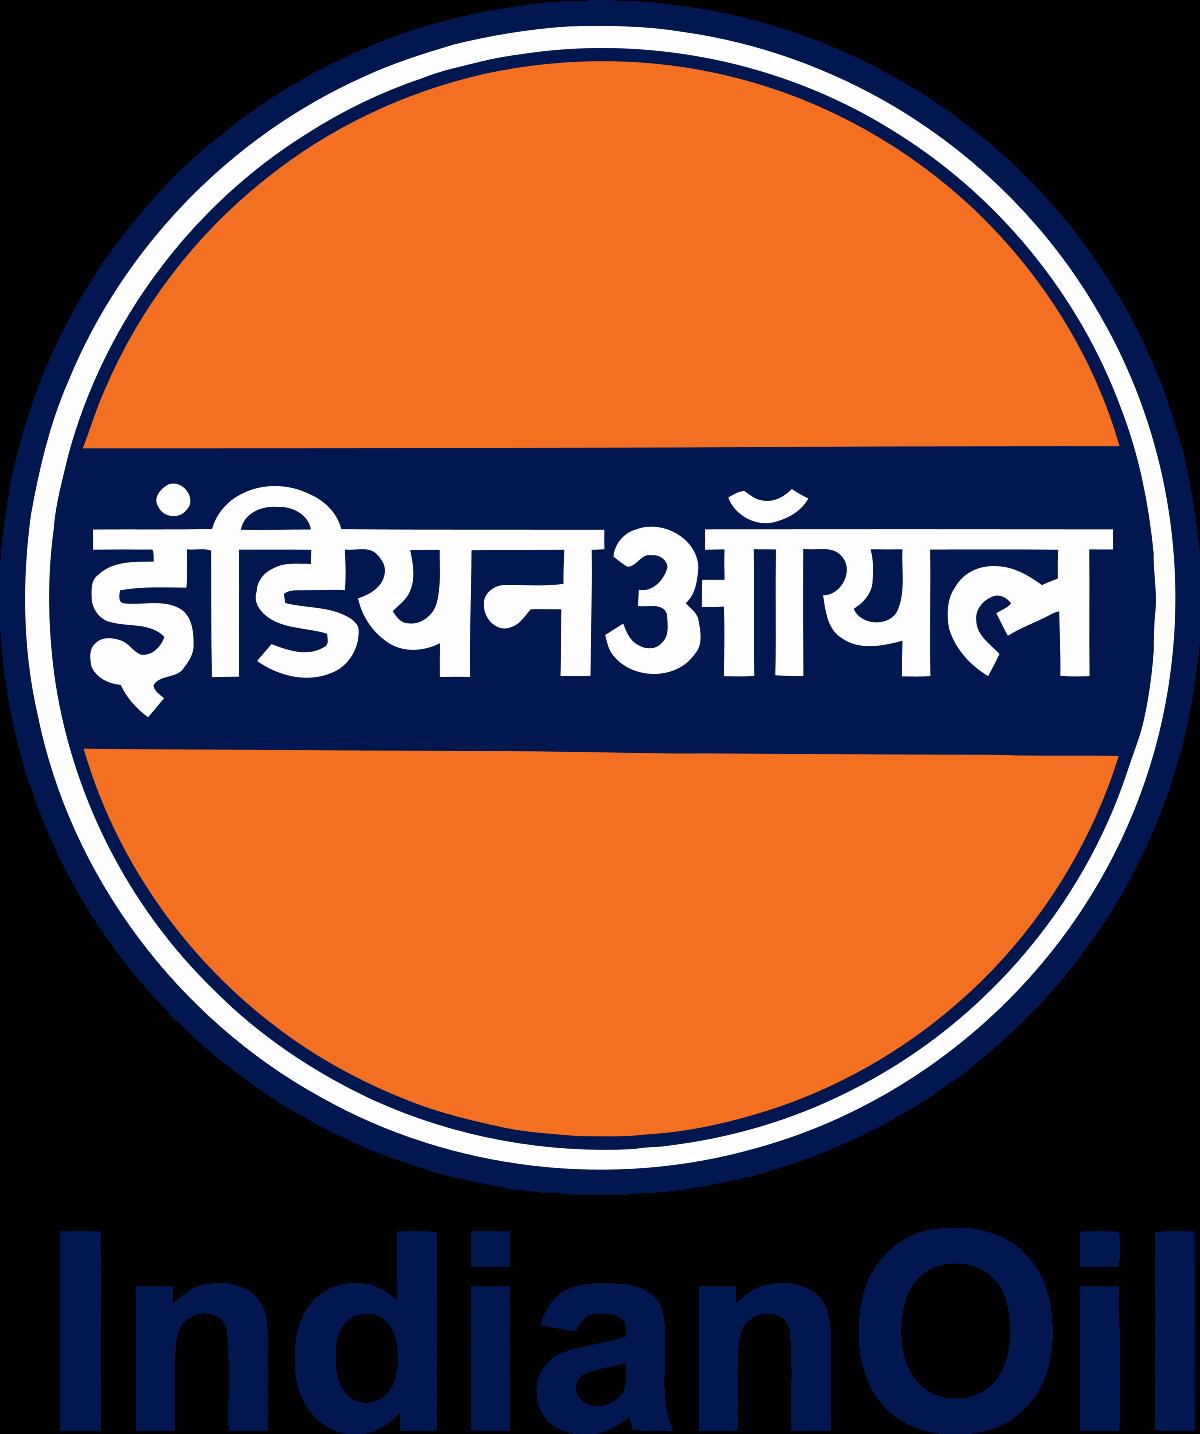 इंडियन ऑयल कॉर्पोरेशन लिमिटेड (IOCL) द्वारा 469 प्रशिक्षुओं रिक्त पदों की भर्ती हेतु आवेदन पत्र जारी किया गया।अंतिम तिथि 22-10-2021 से पूर्व आवेदन करे